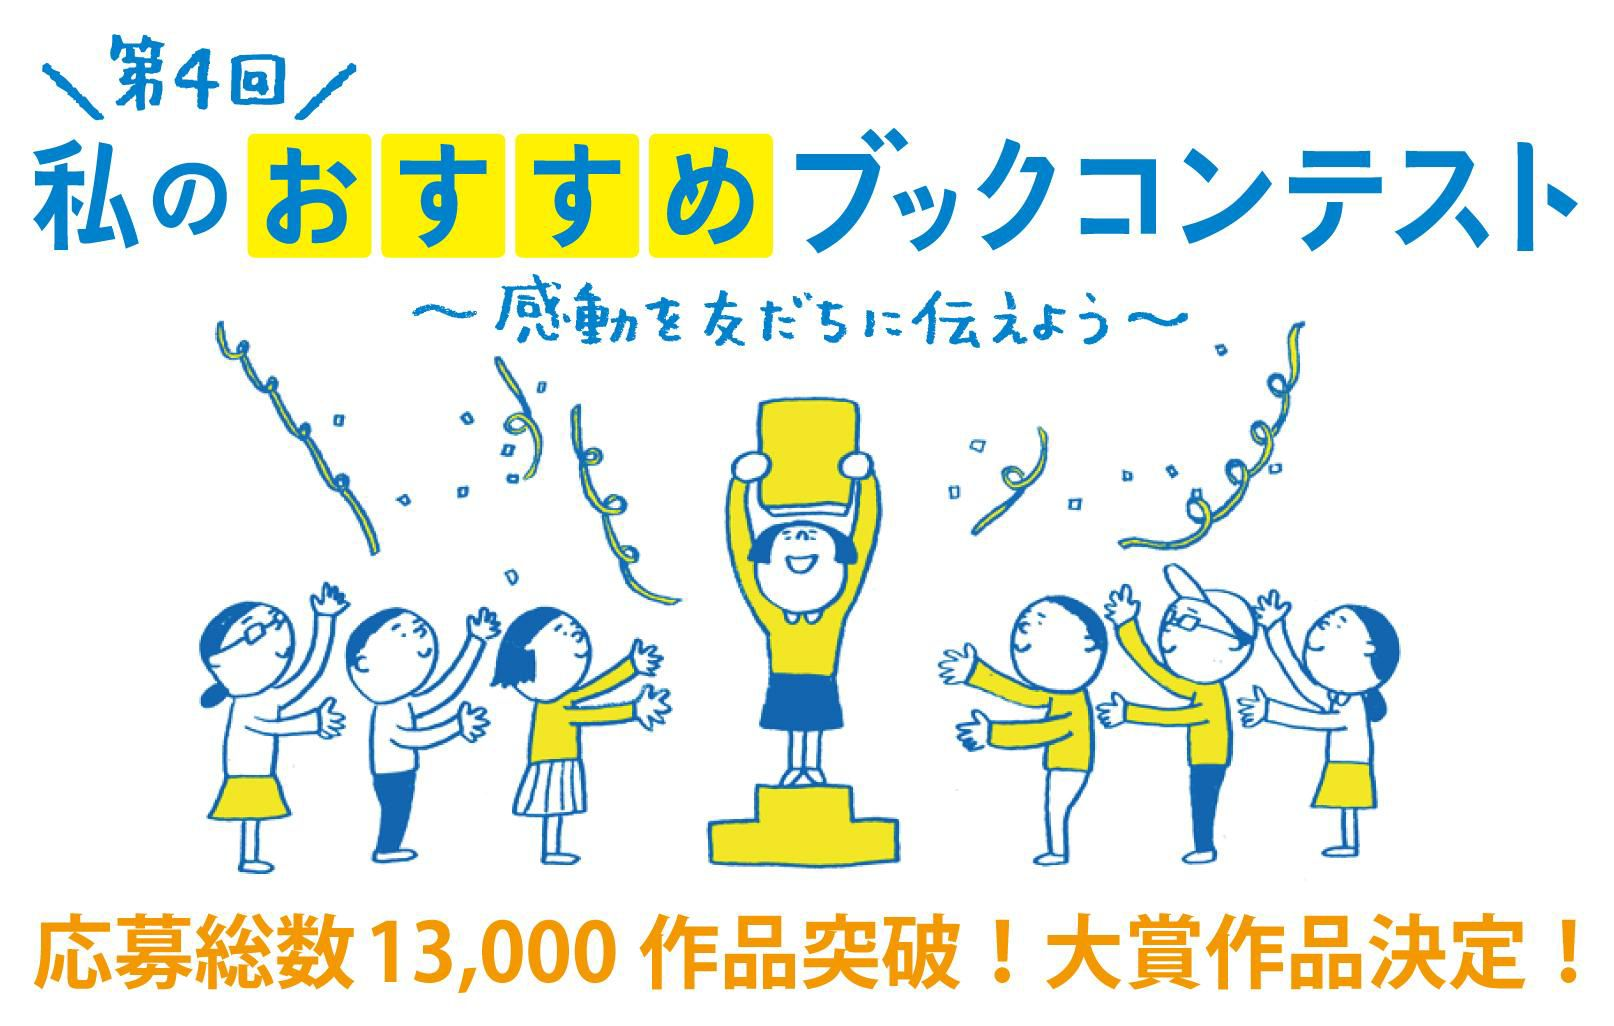 第4回「私のおすすめブックコンテスト」 ~感動を友達に伝えよう~ 応募総数13,000作品突破!大賞作品決定!